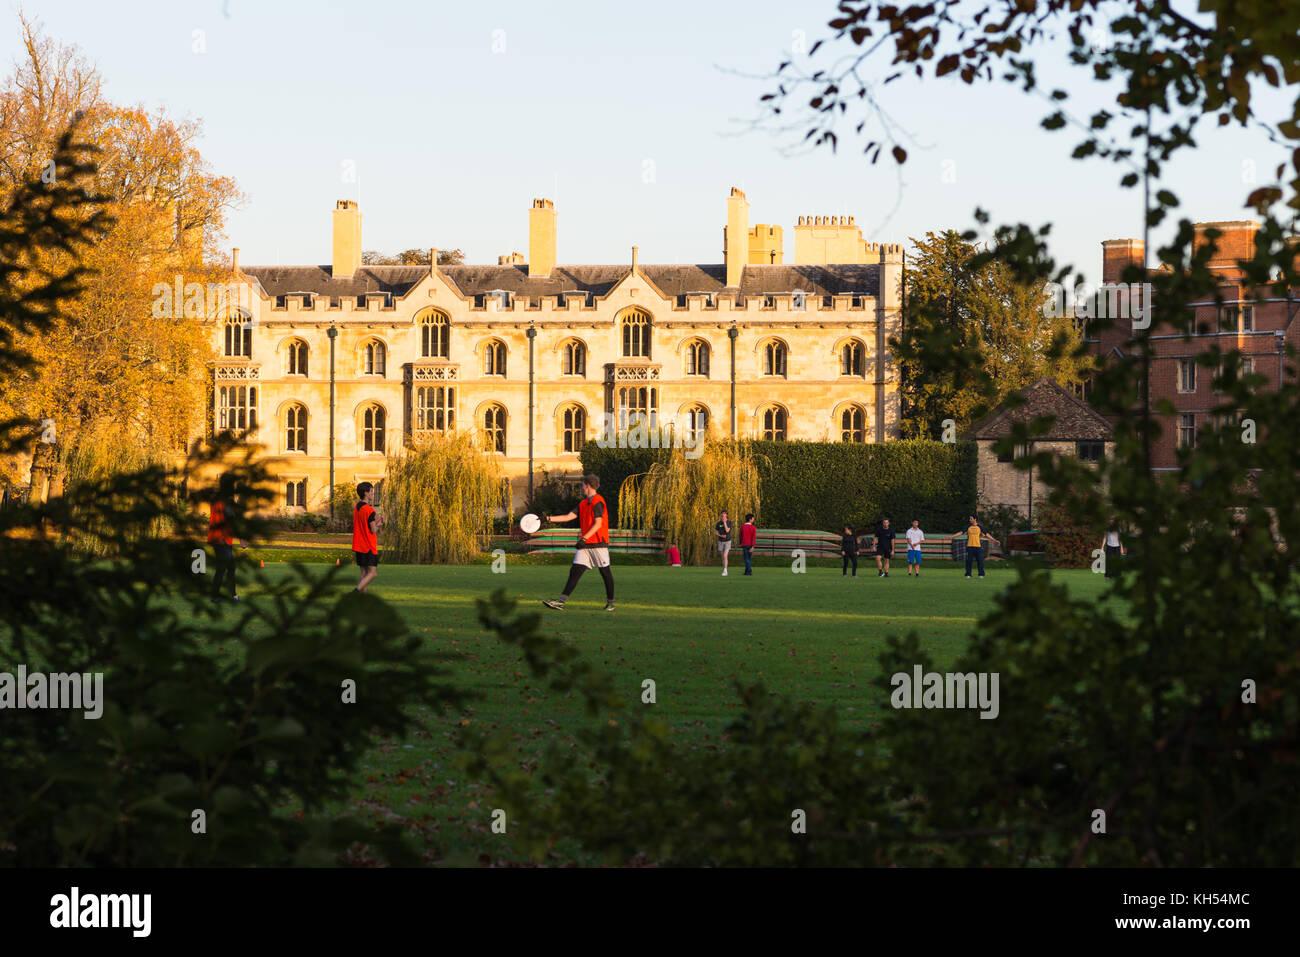 Estudiantes de Trinity College, campo de deportes. La Universidad de Cambridge, Inglaterra, Reino Unido. Imagen De Stock